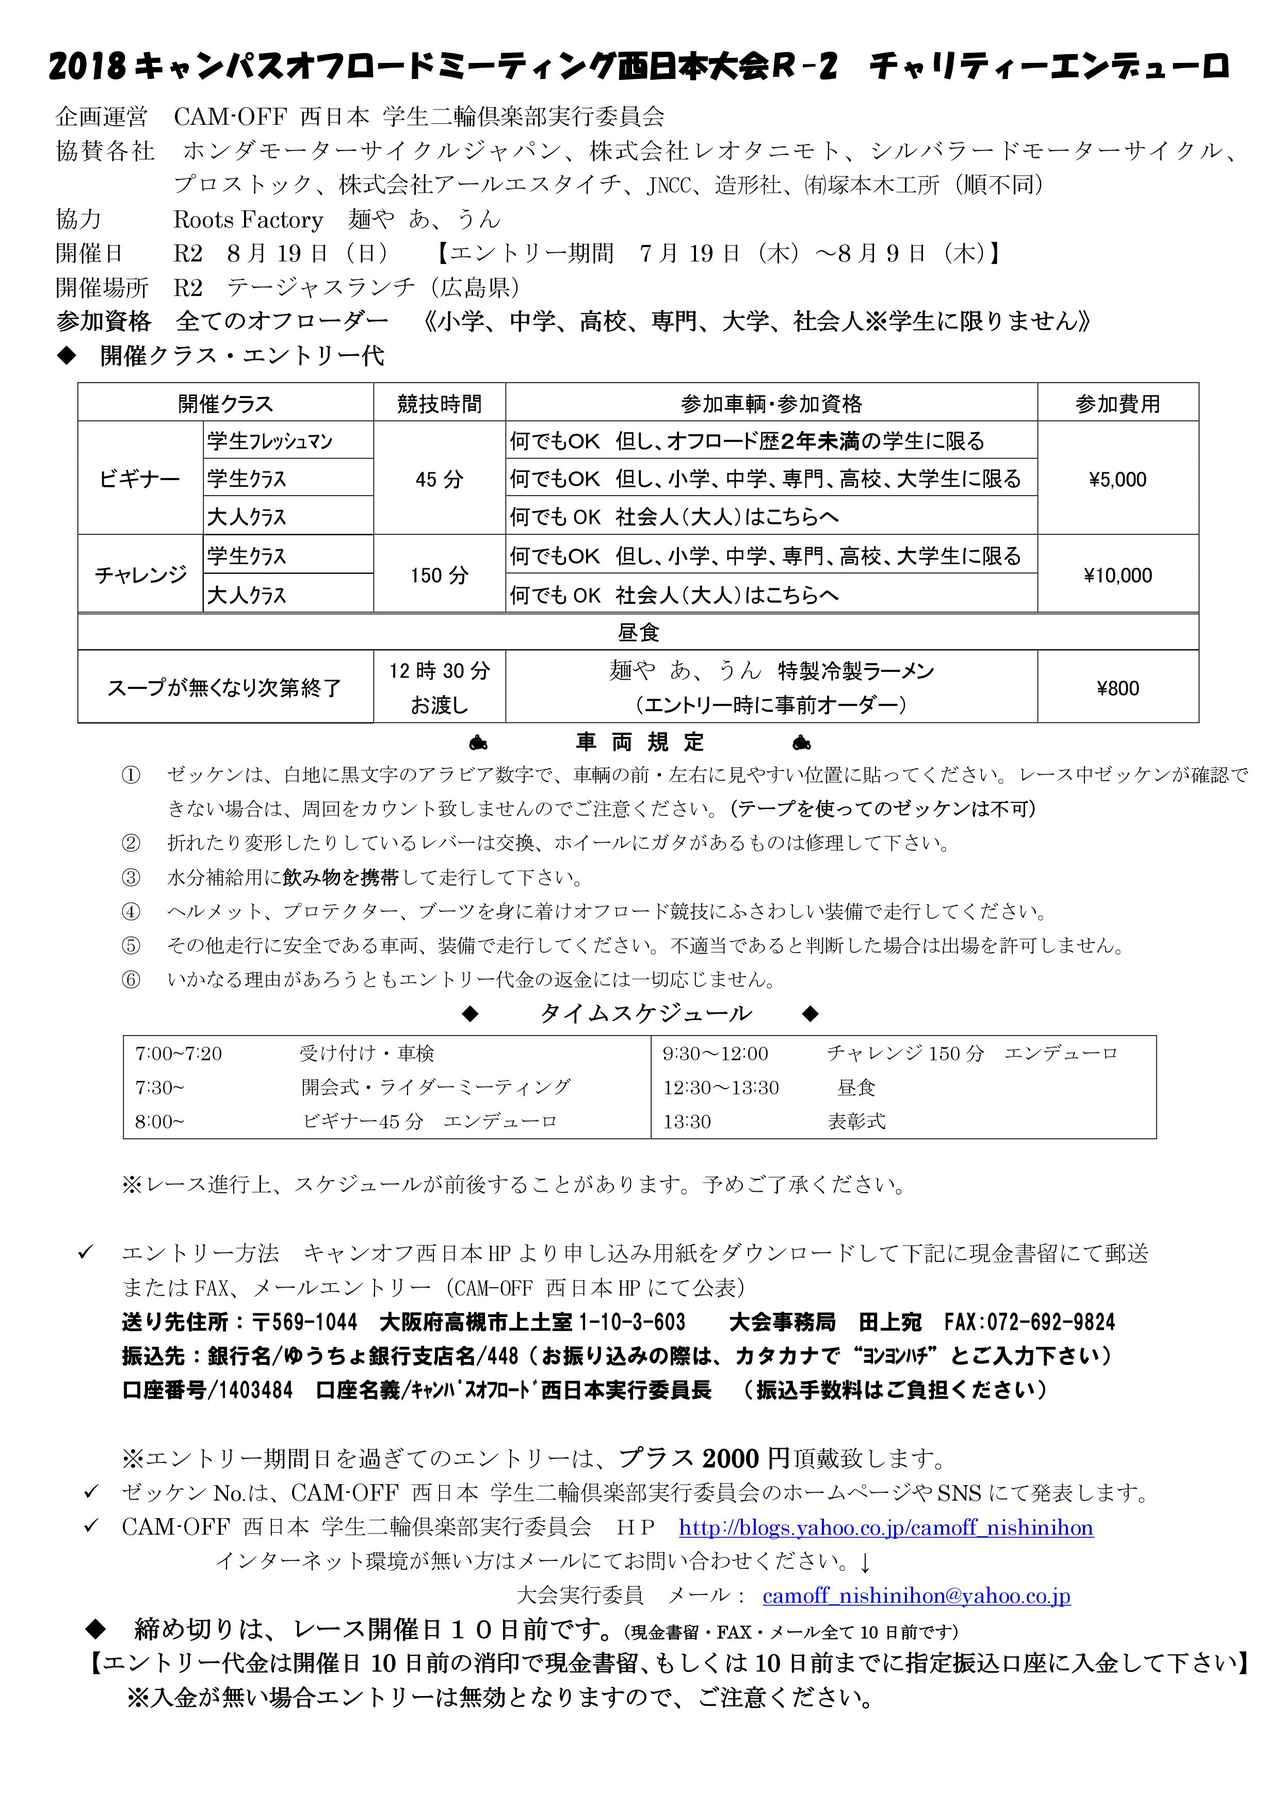 画像: キャンオフ西日本 - Yahoo!ブログ